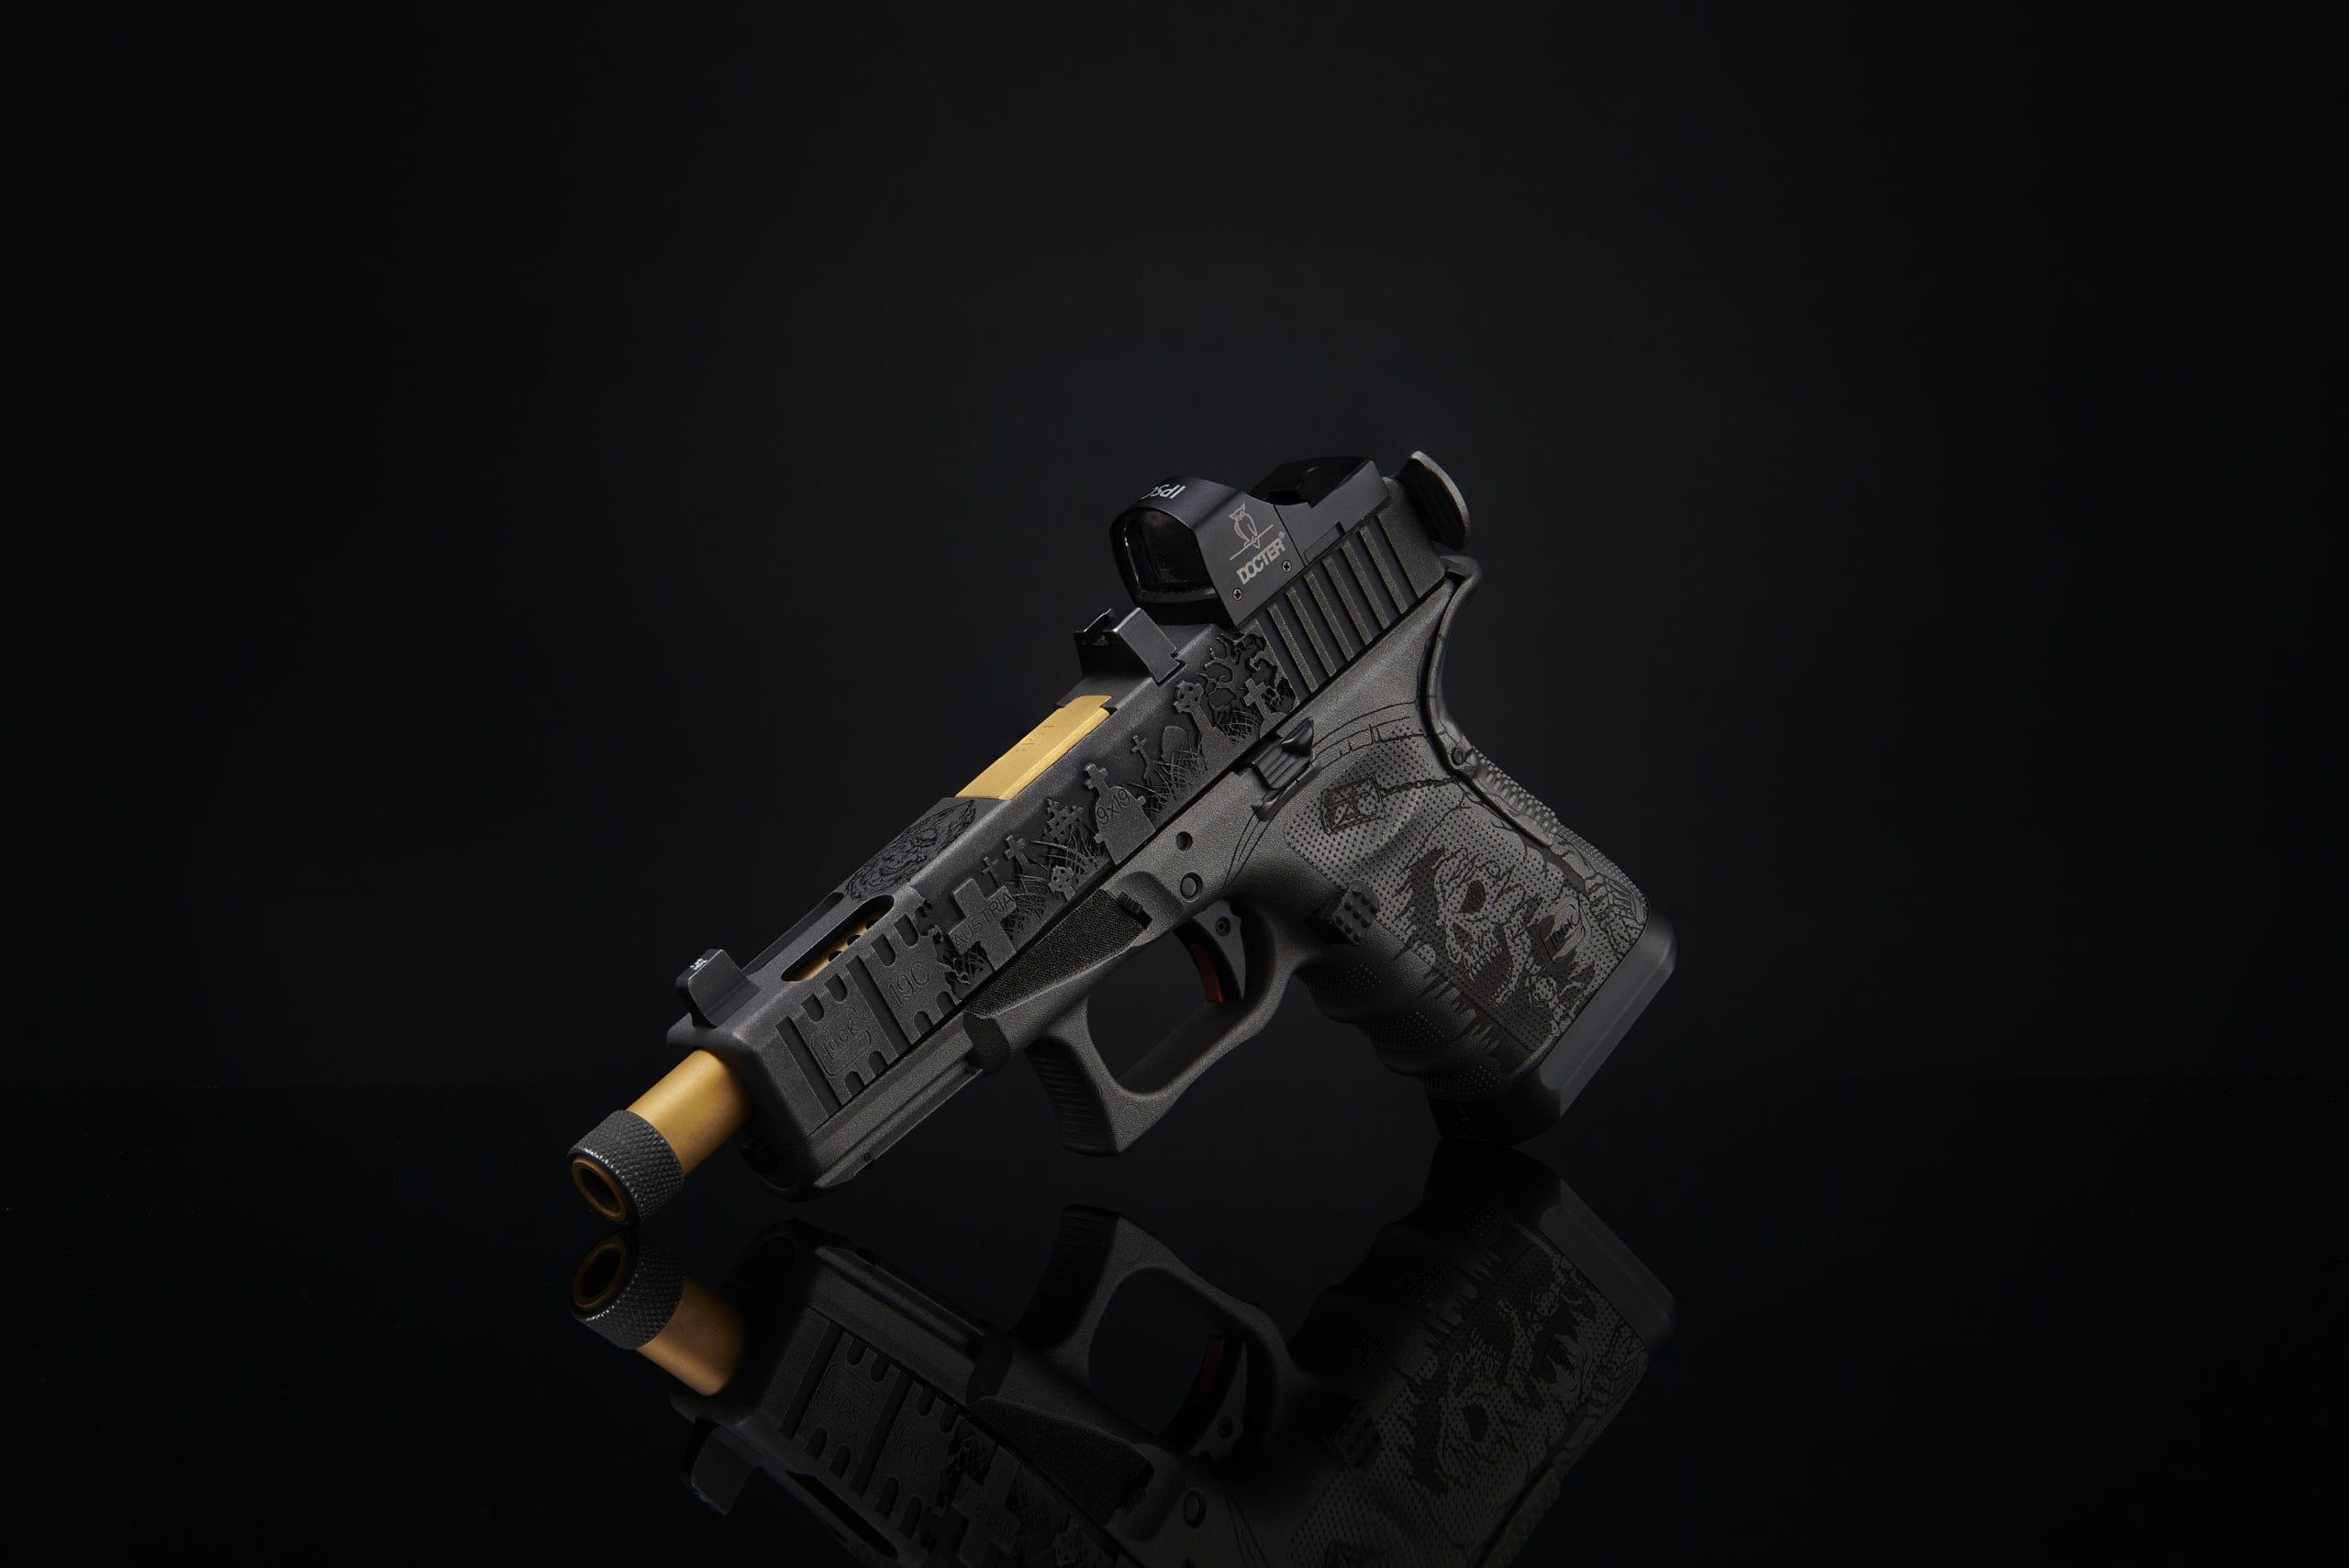 unikate waffe pistole mit oberflächenveredelung gravuren gravierter schlitten pistole polymer glock lasern verex tactical